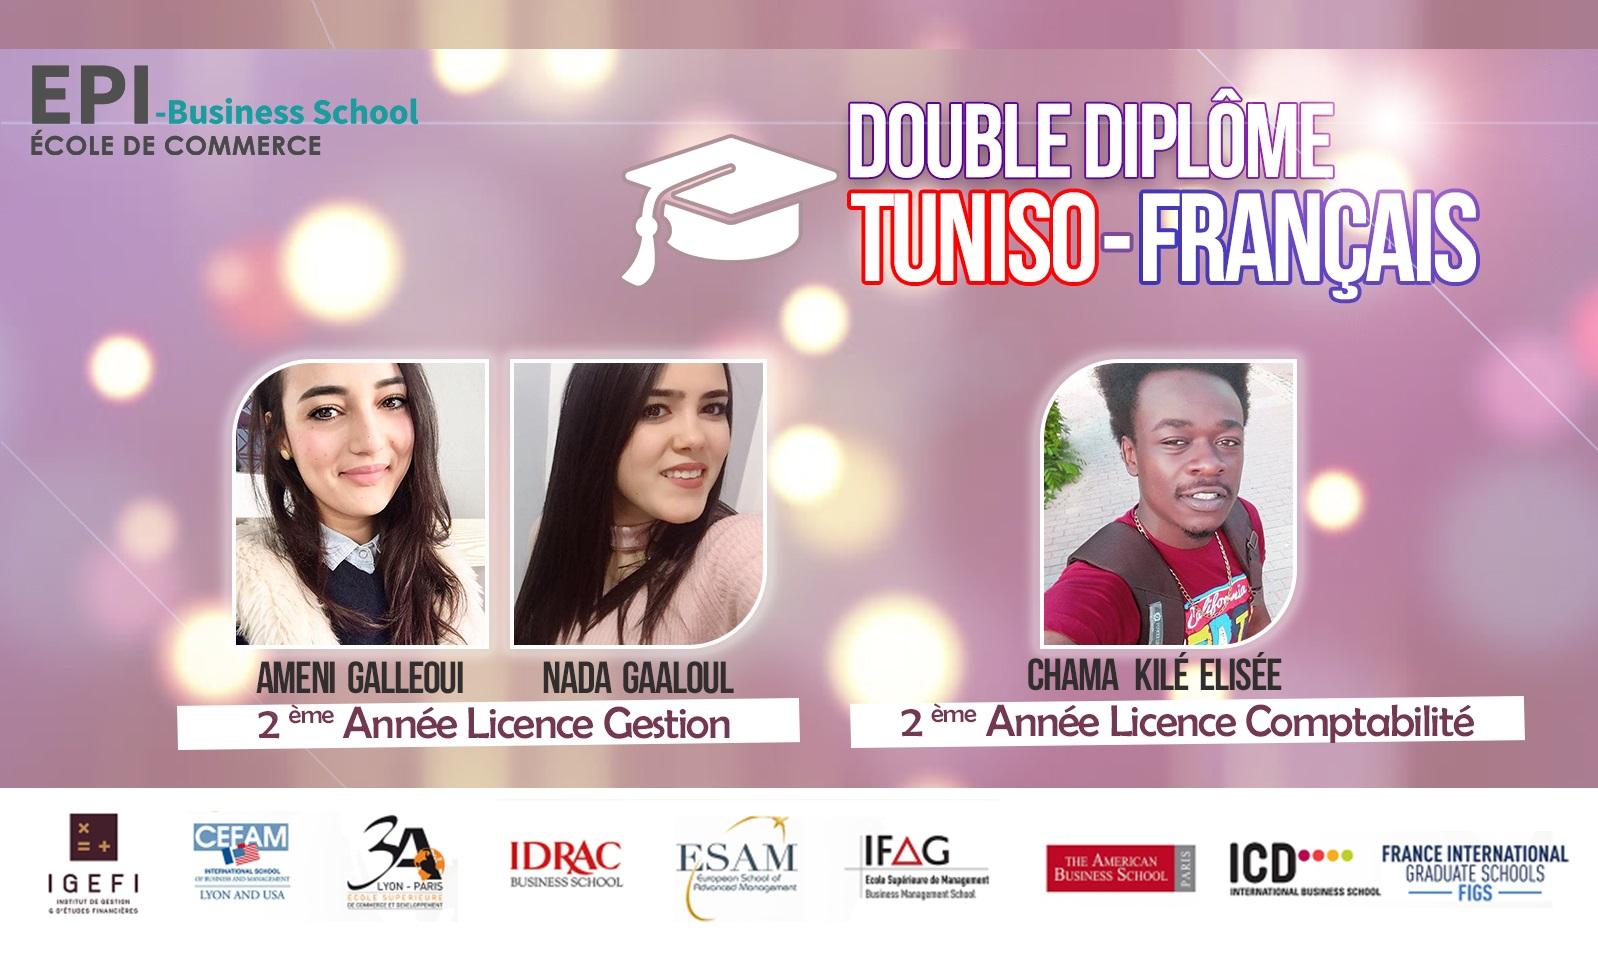 Double diplôme 2018